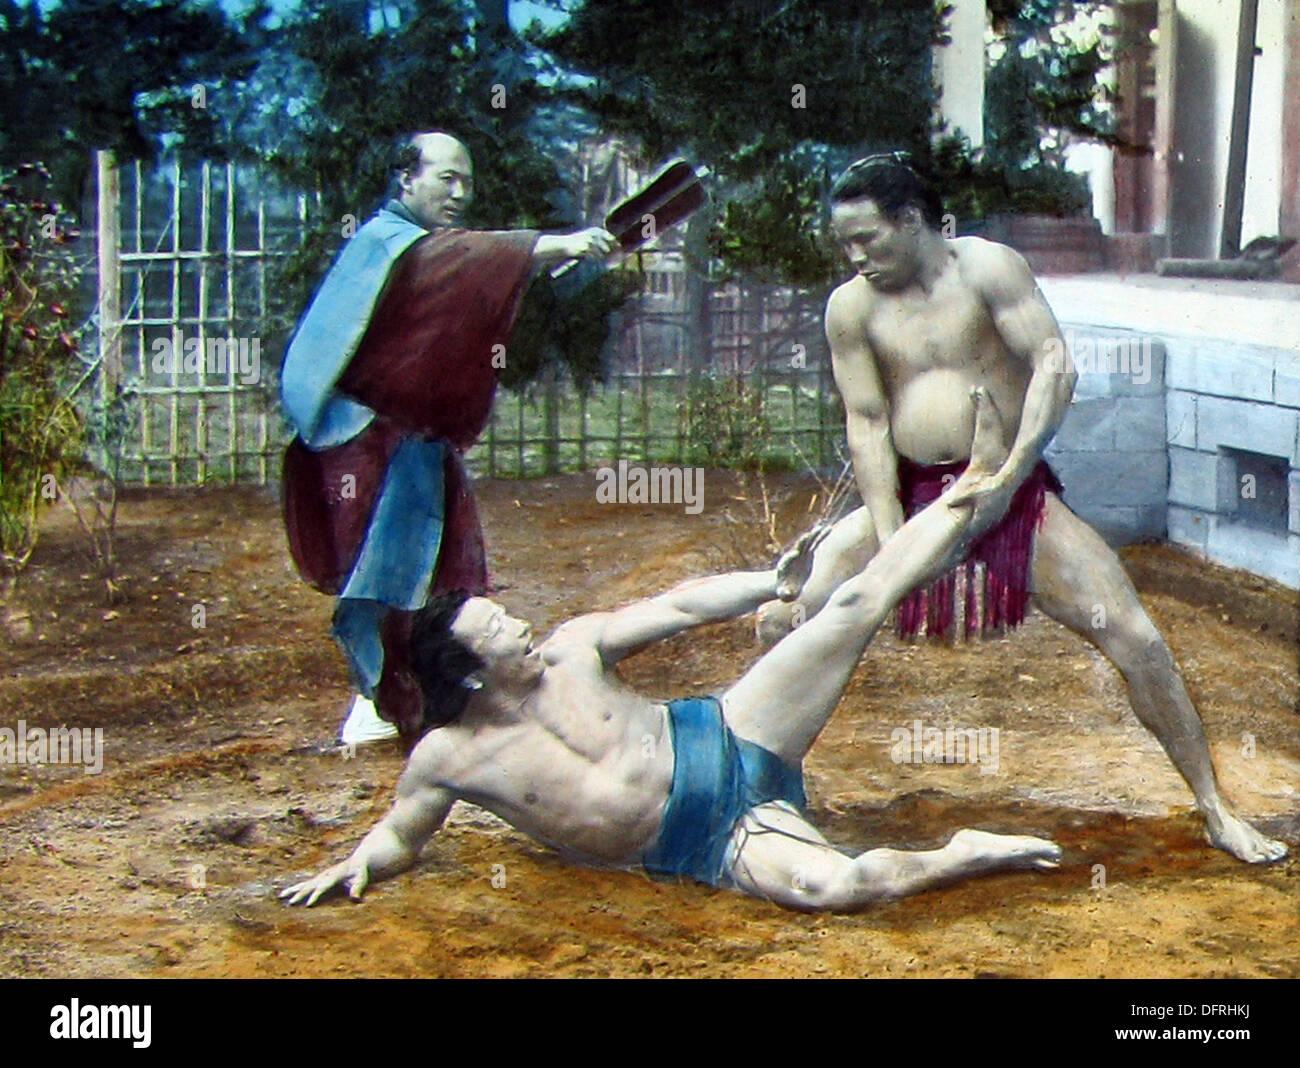 Japón - Wrestling 1900 Imagen De Stock